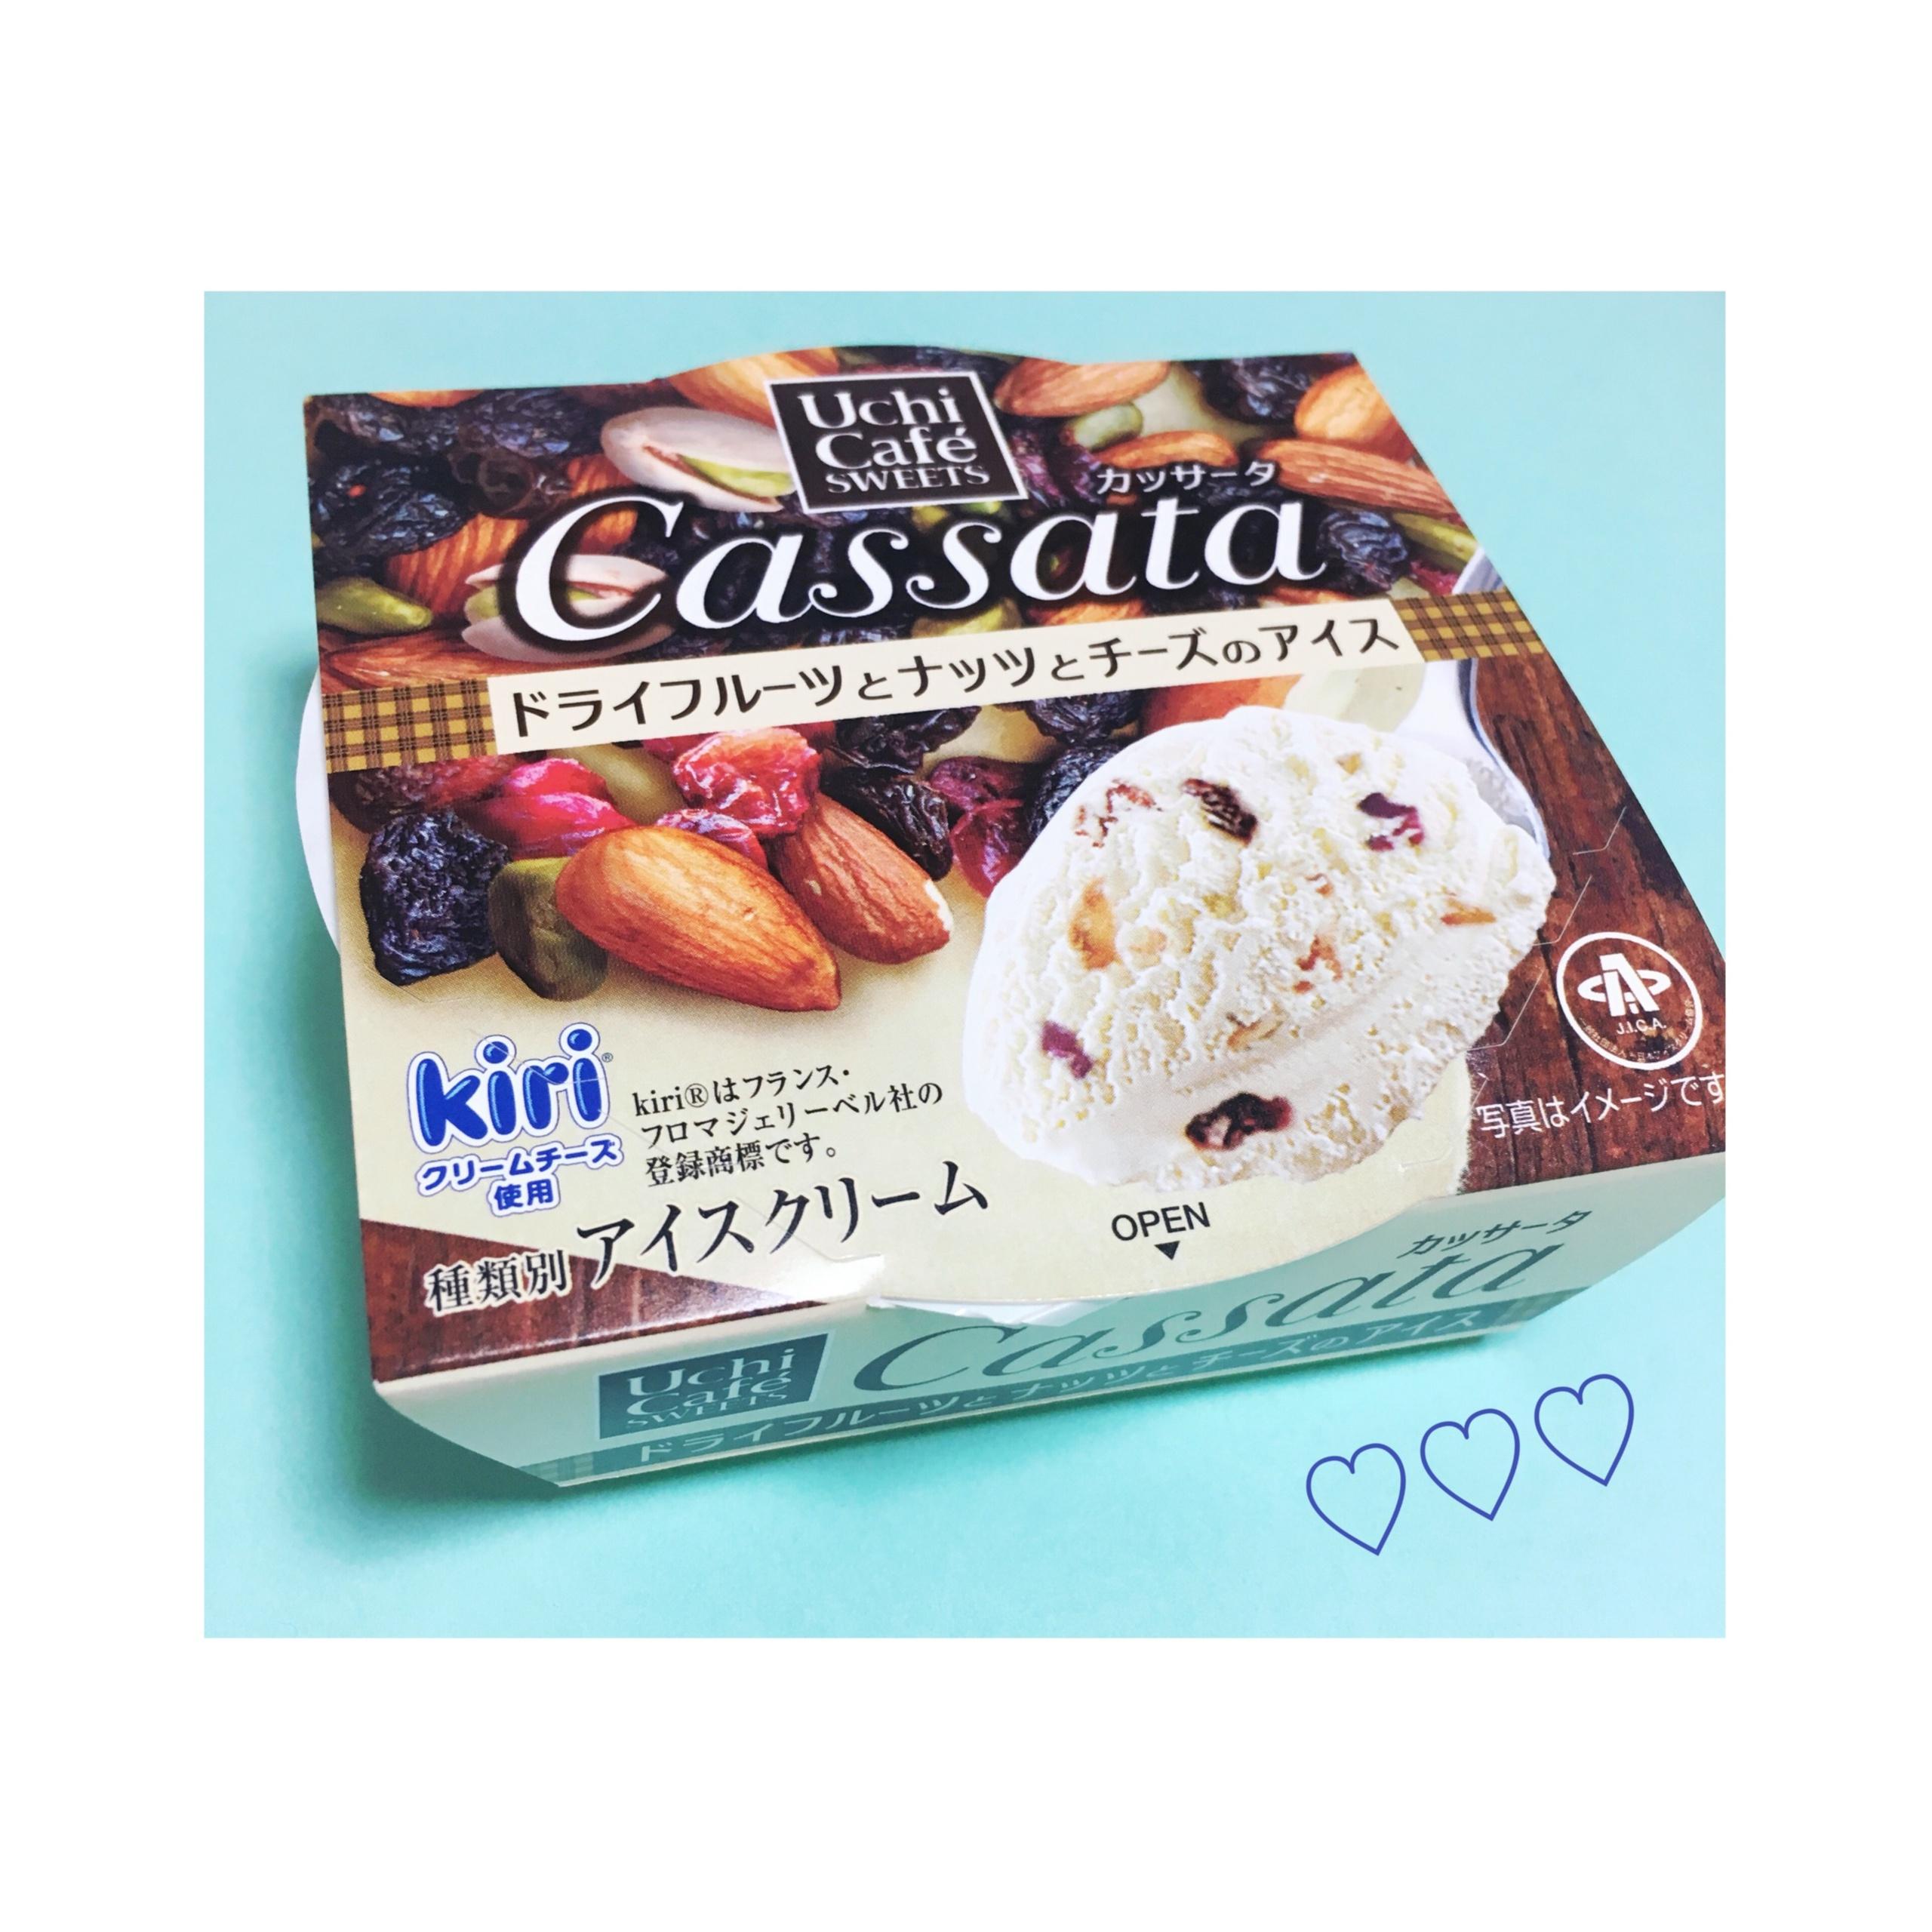 《11/28発売!LAWSON Uchi Cafe Sweets × kiriがコラボ★》【コンビニアイス】Cassata-ドライフルーツとナッツとチーズのアイス-がおいしい❤️_1